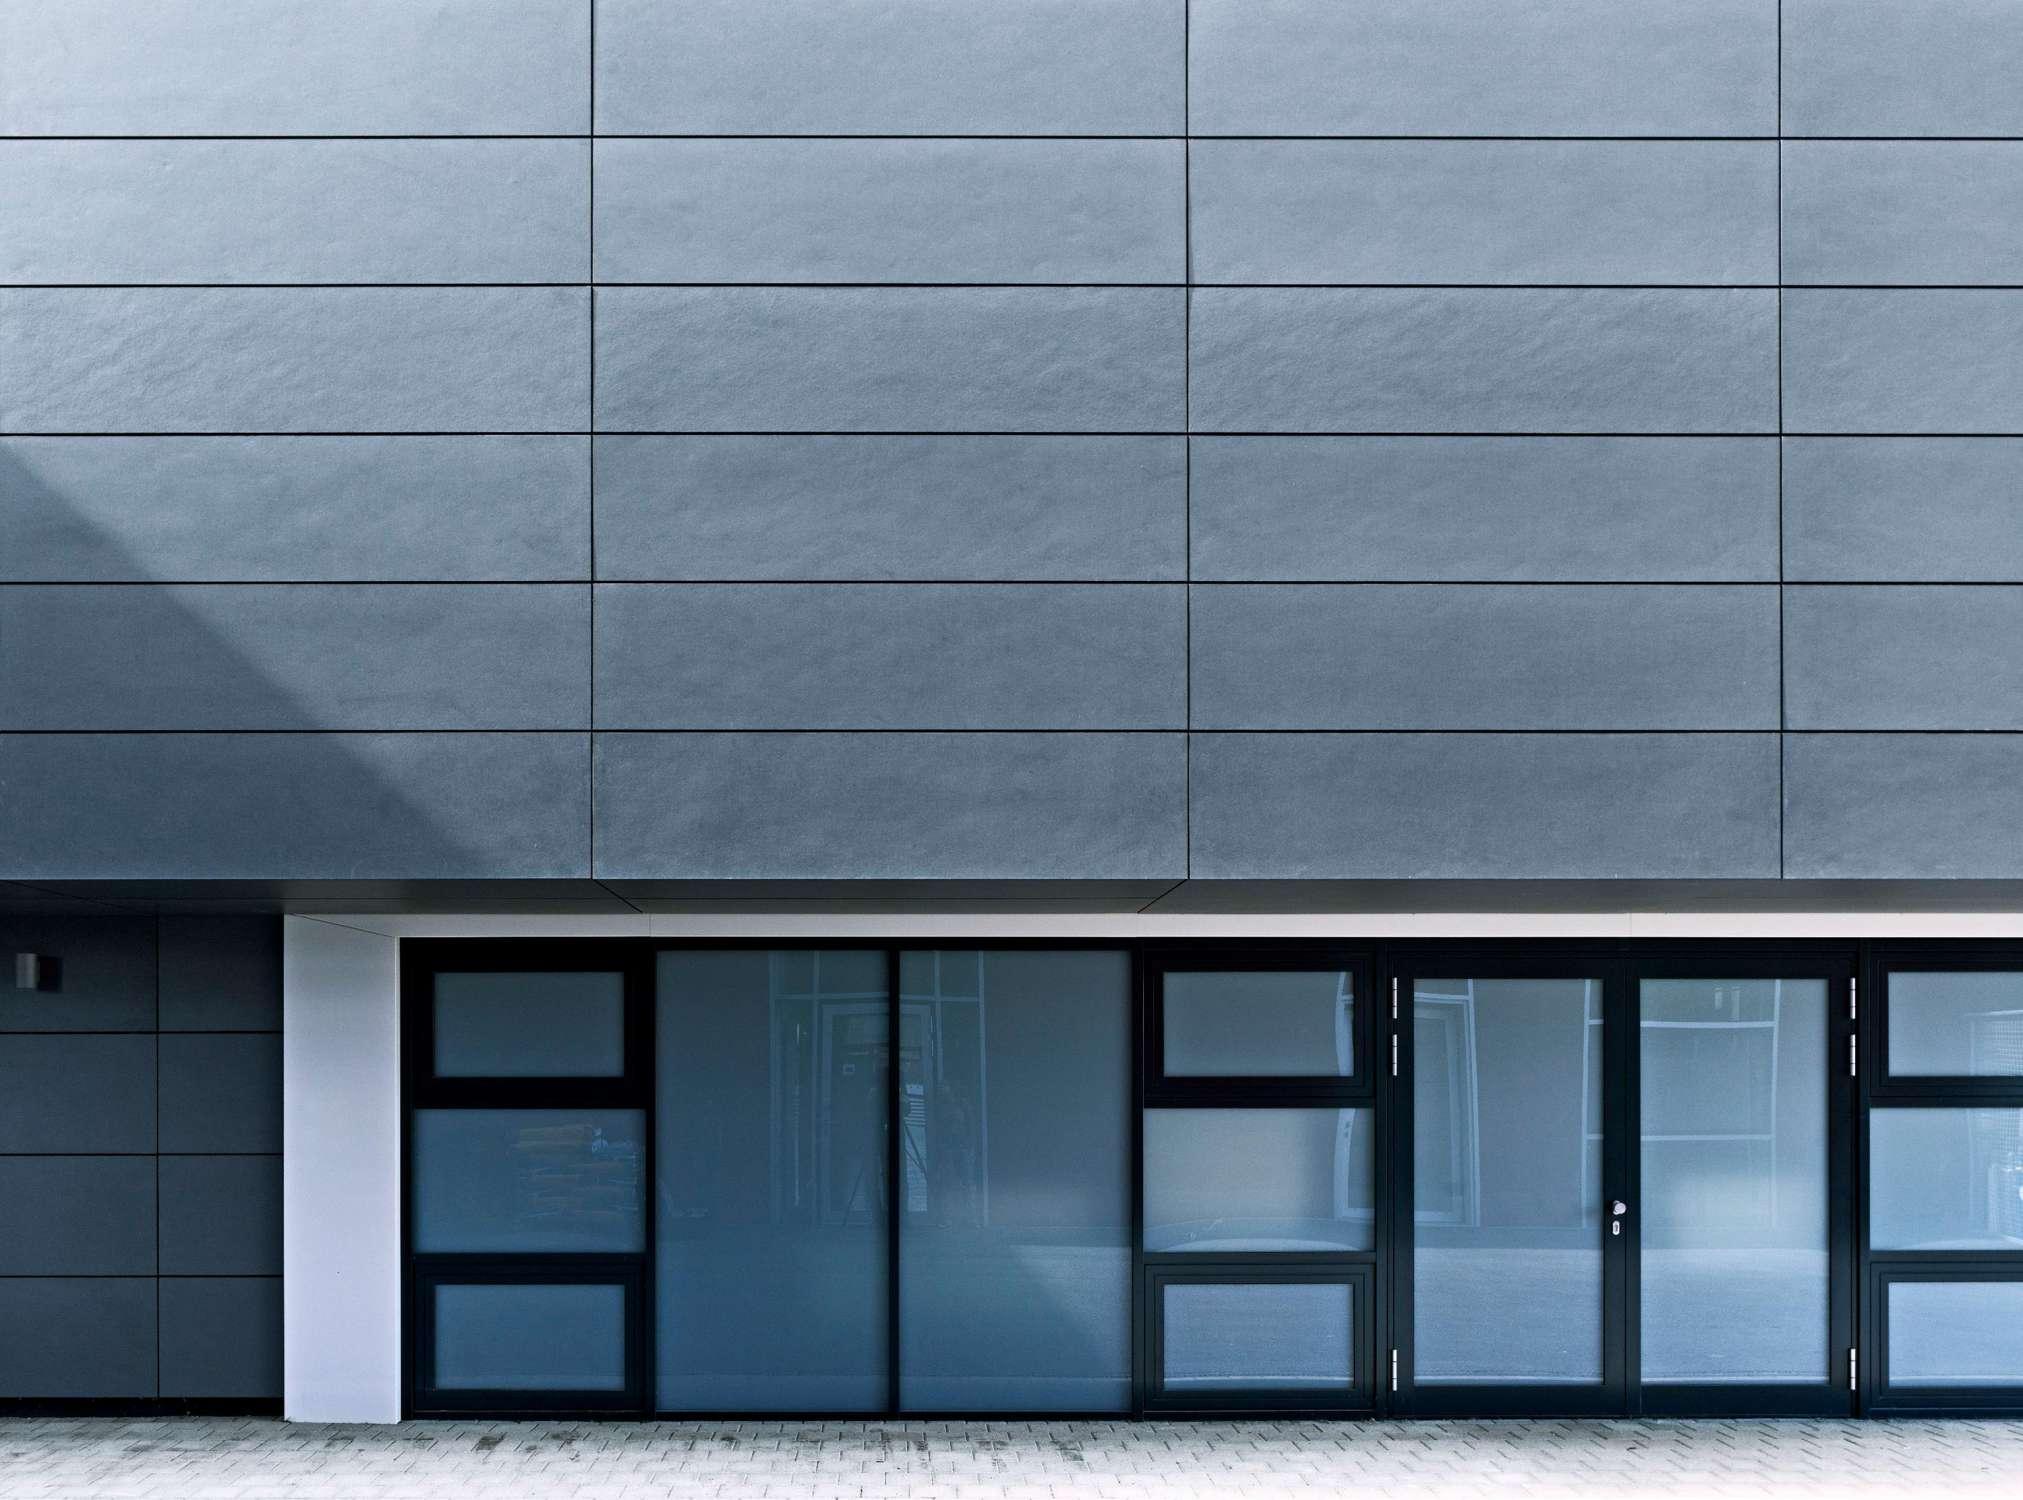 Energetische Sanierung Friedrich-Miescher-Laboratorium (5)